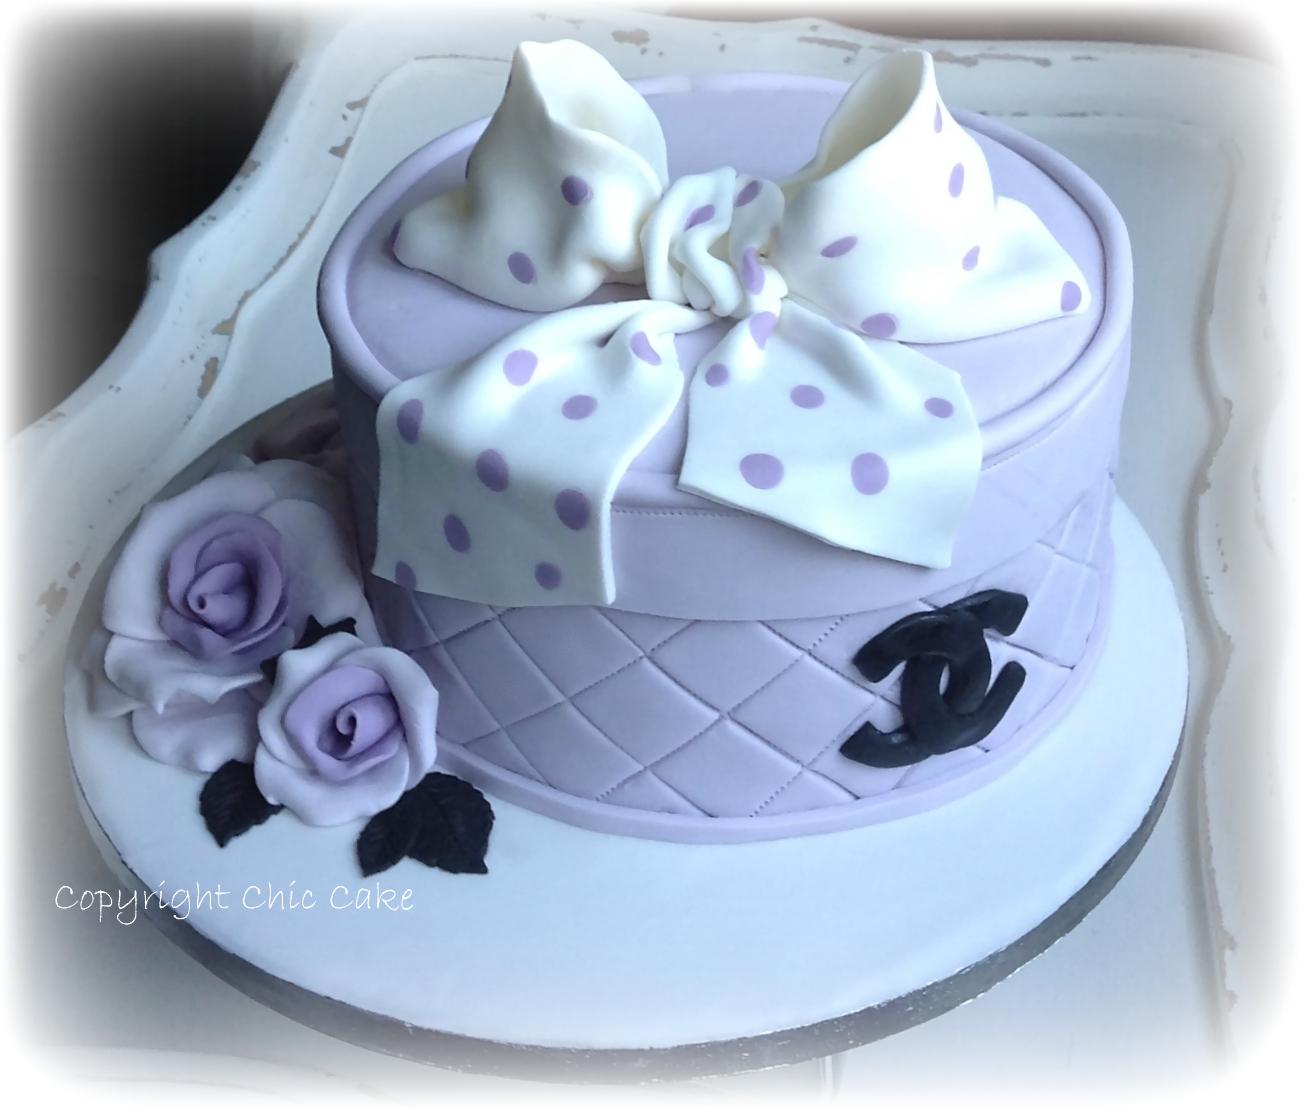 Corso Cake Design Roma Groupalia : Chic Cake: Corso Cake Design a Roma e Cosenza